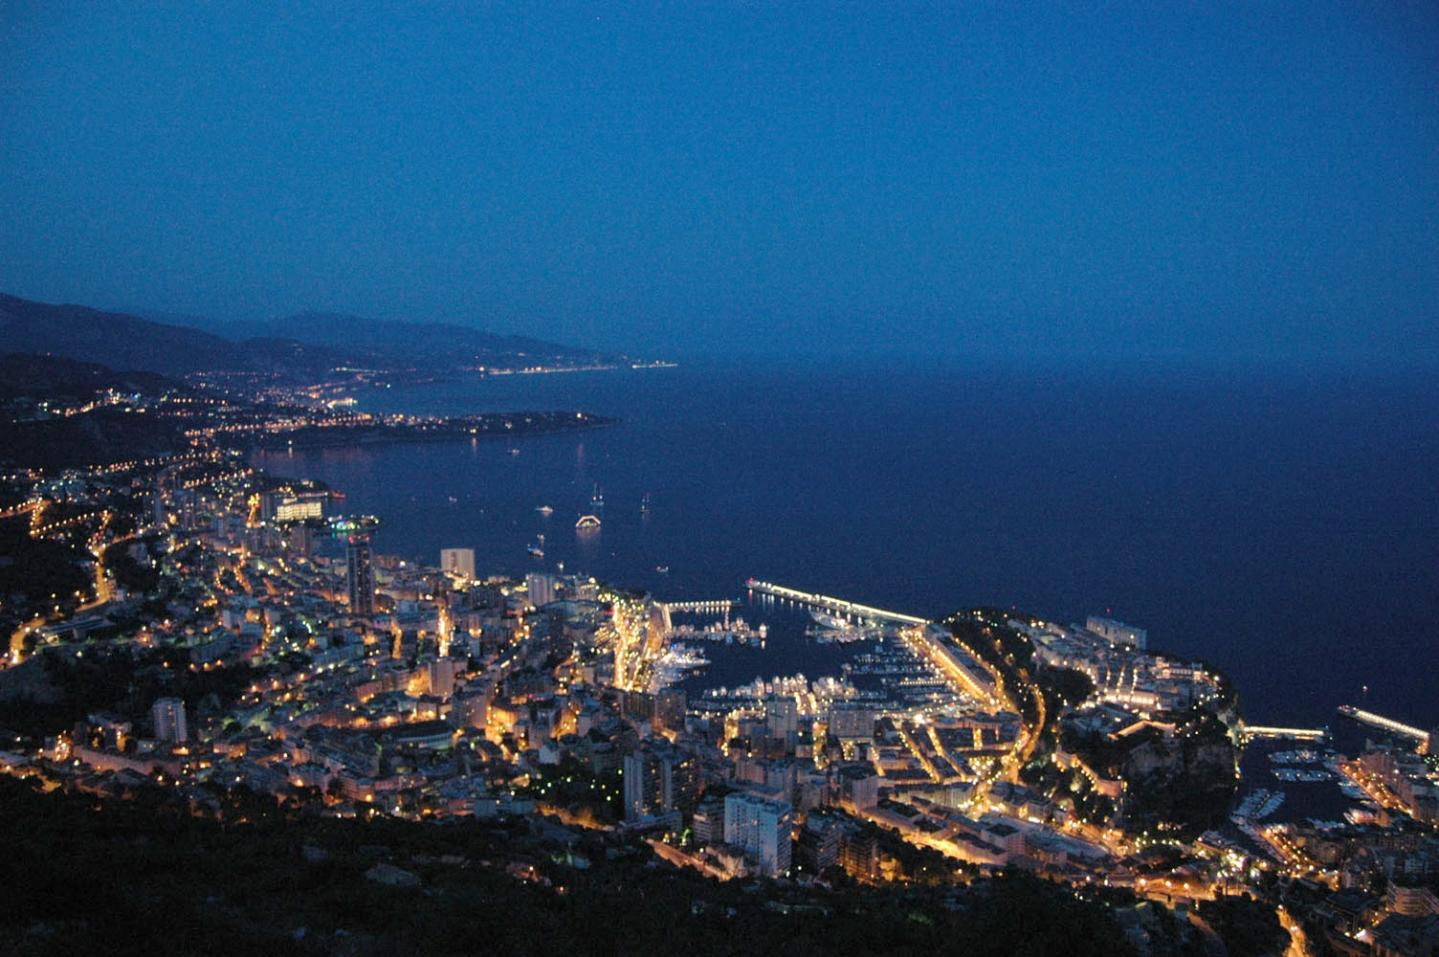 Vue imprenable sur Monaco depuis la Tête de Chien, à La Turbie, pour admirer le feu d'artifice.